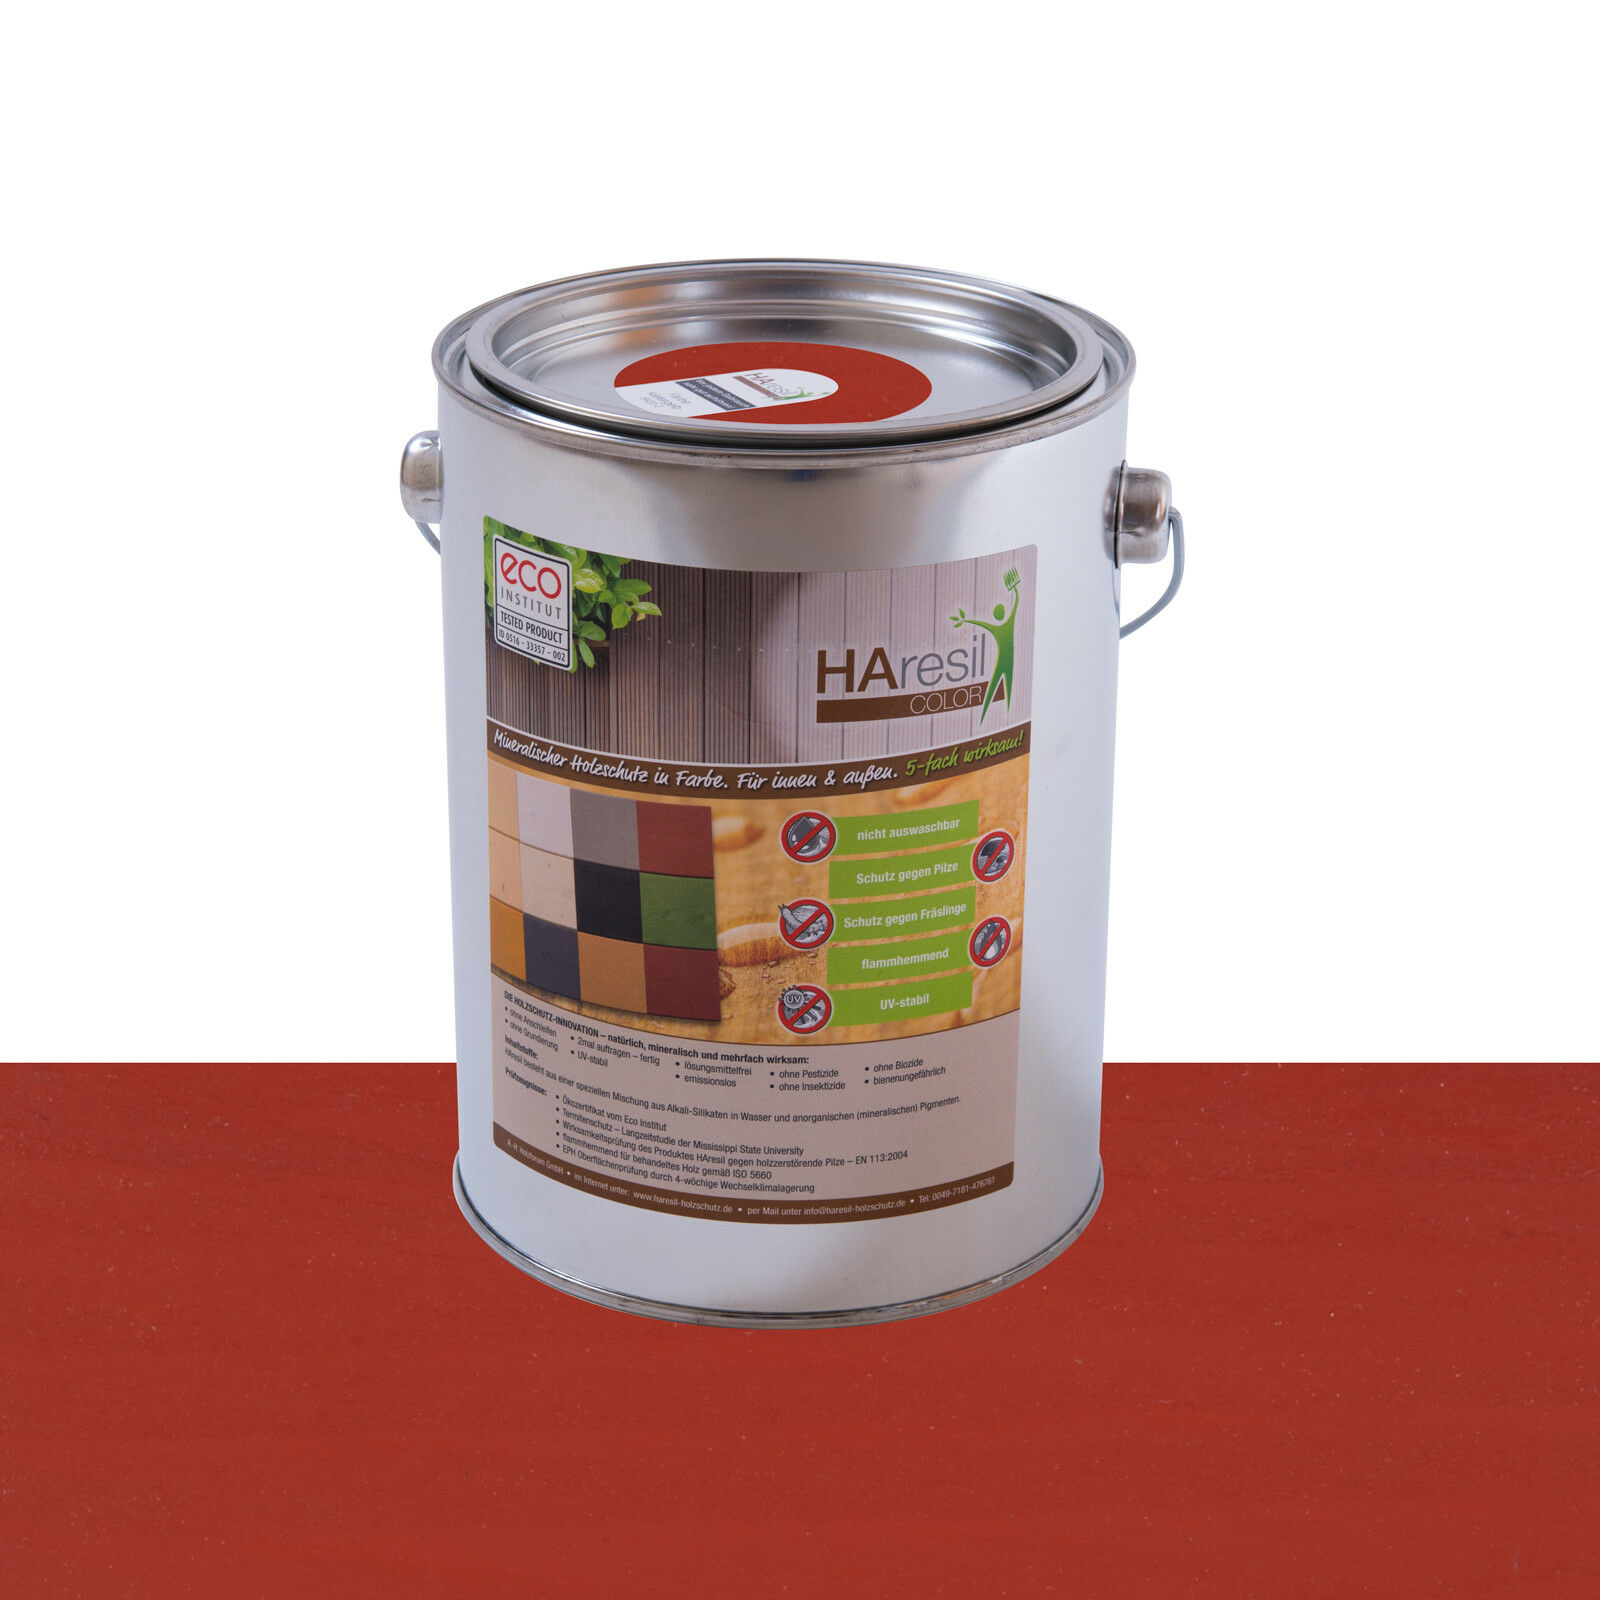 Bio Holzschutz Außen Haresil Farbe rostrot schützt vor Holzwurm,Pilze,Termiten